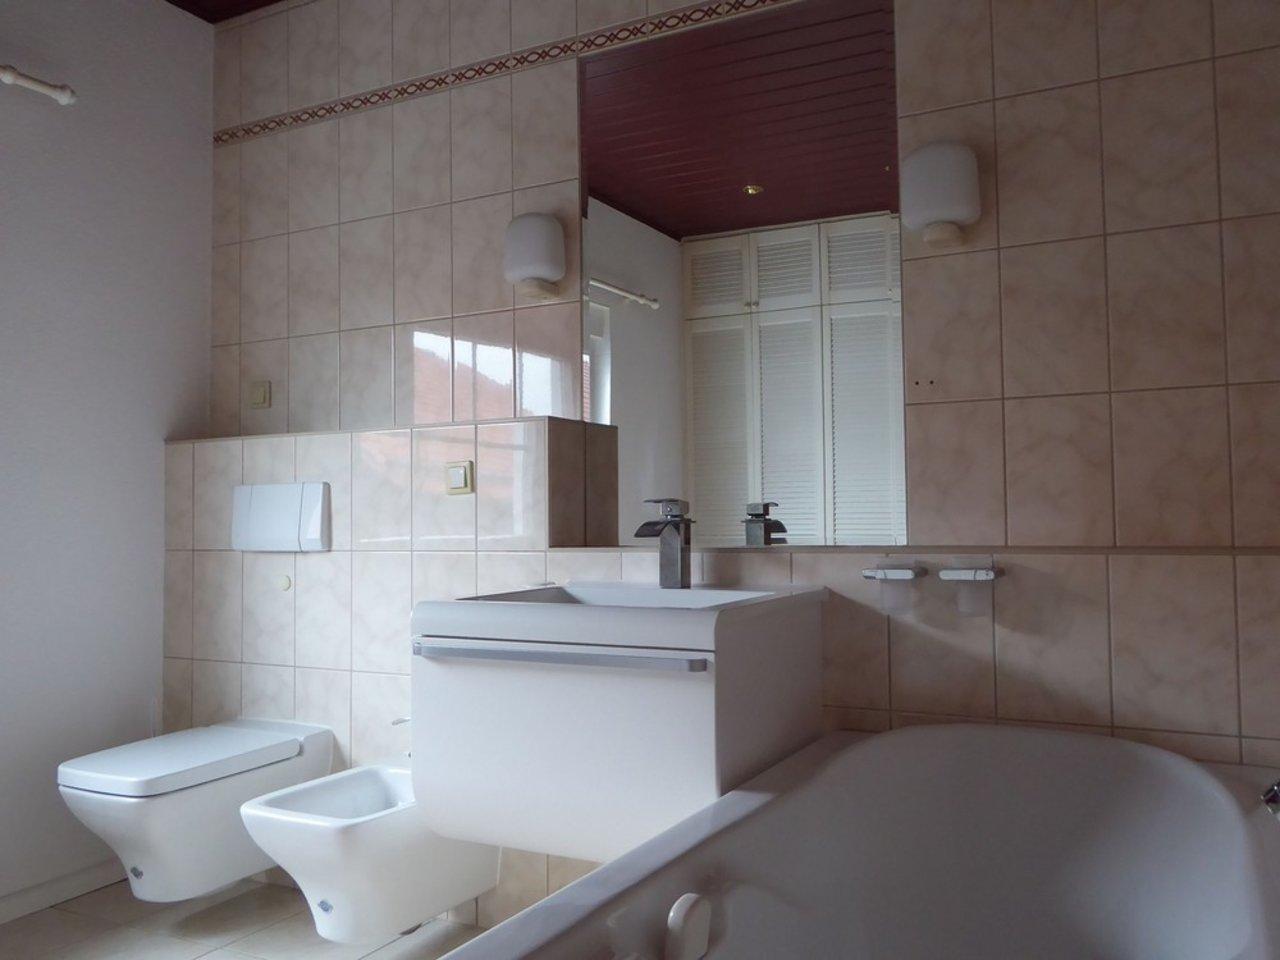 Großzügige, gepflegte Wohnung mit sonniger Terrasse in Witzleben-Bad im OG